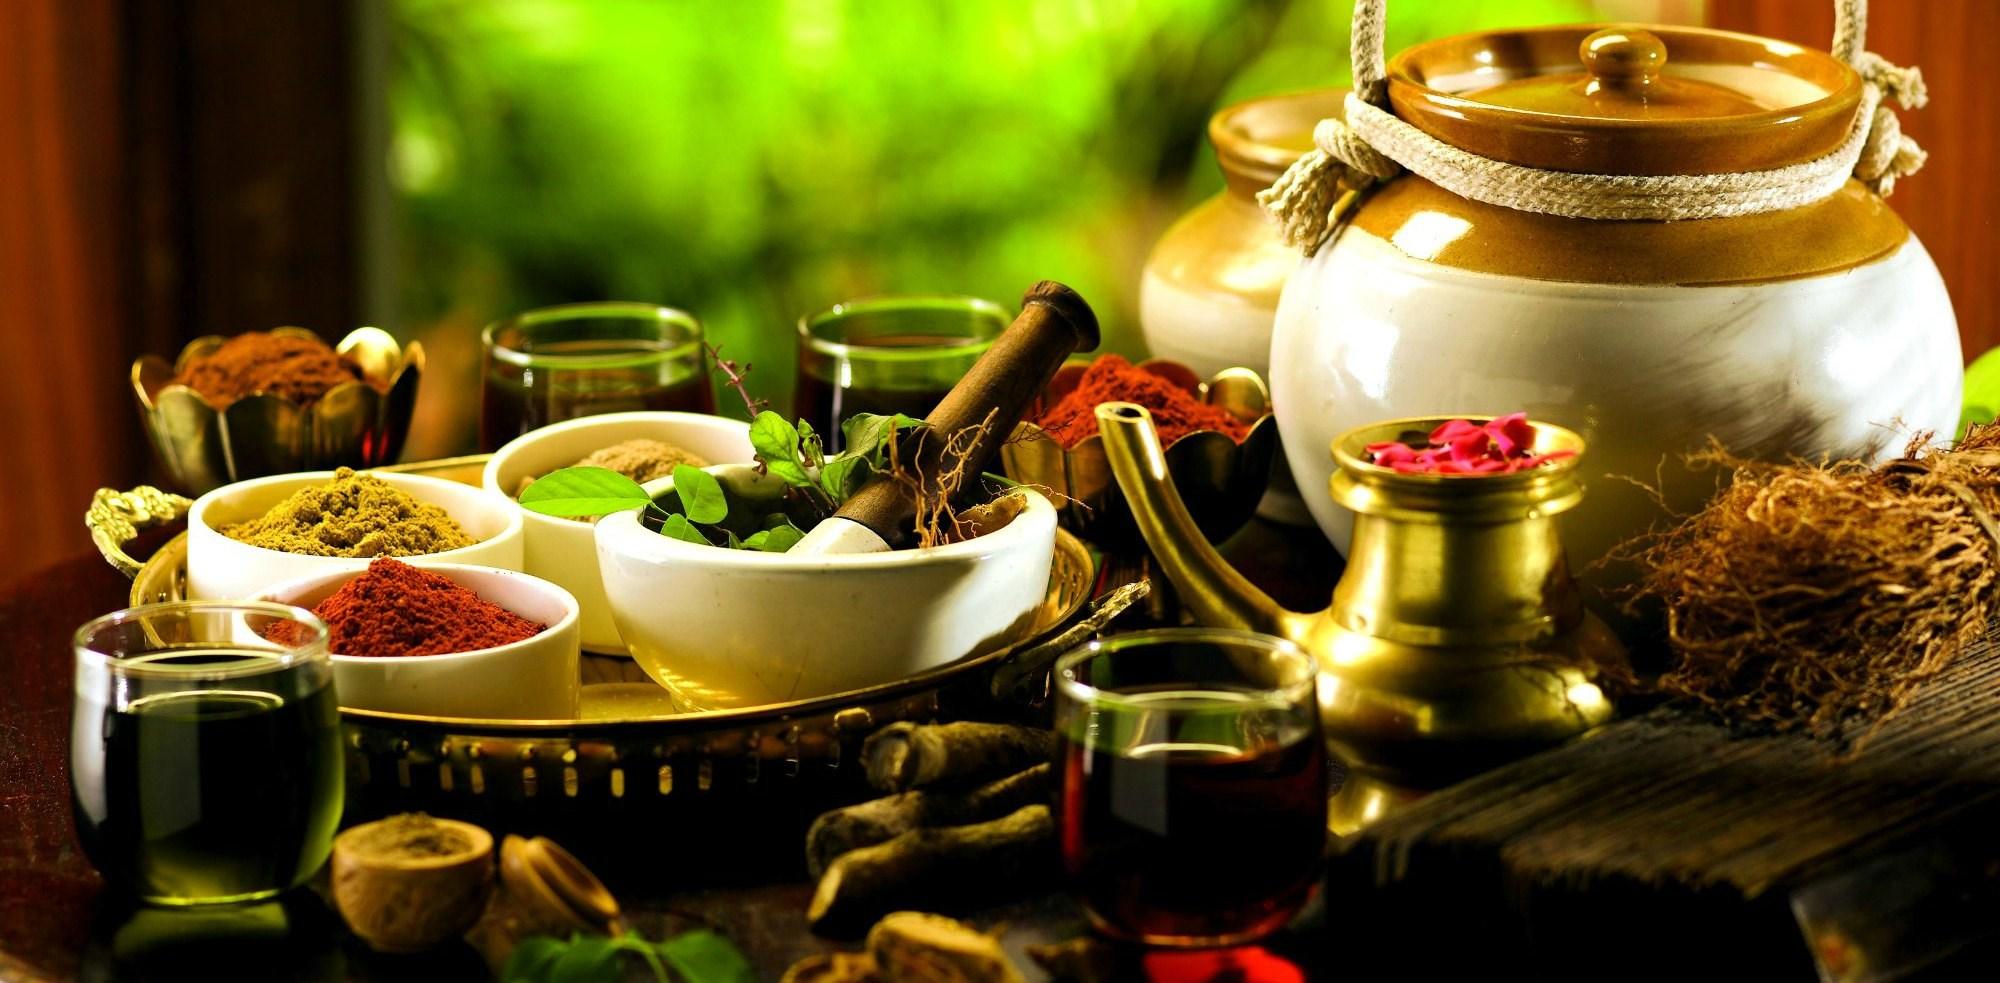 Tè e spezie usate nell'ayurveda